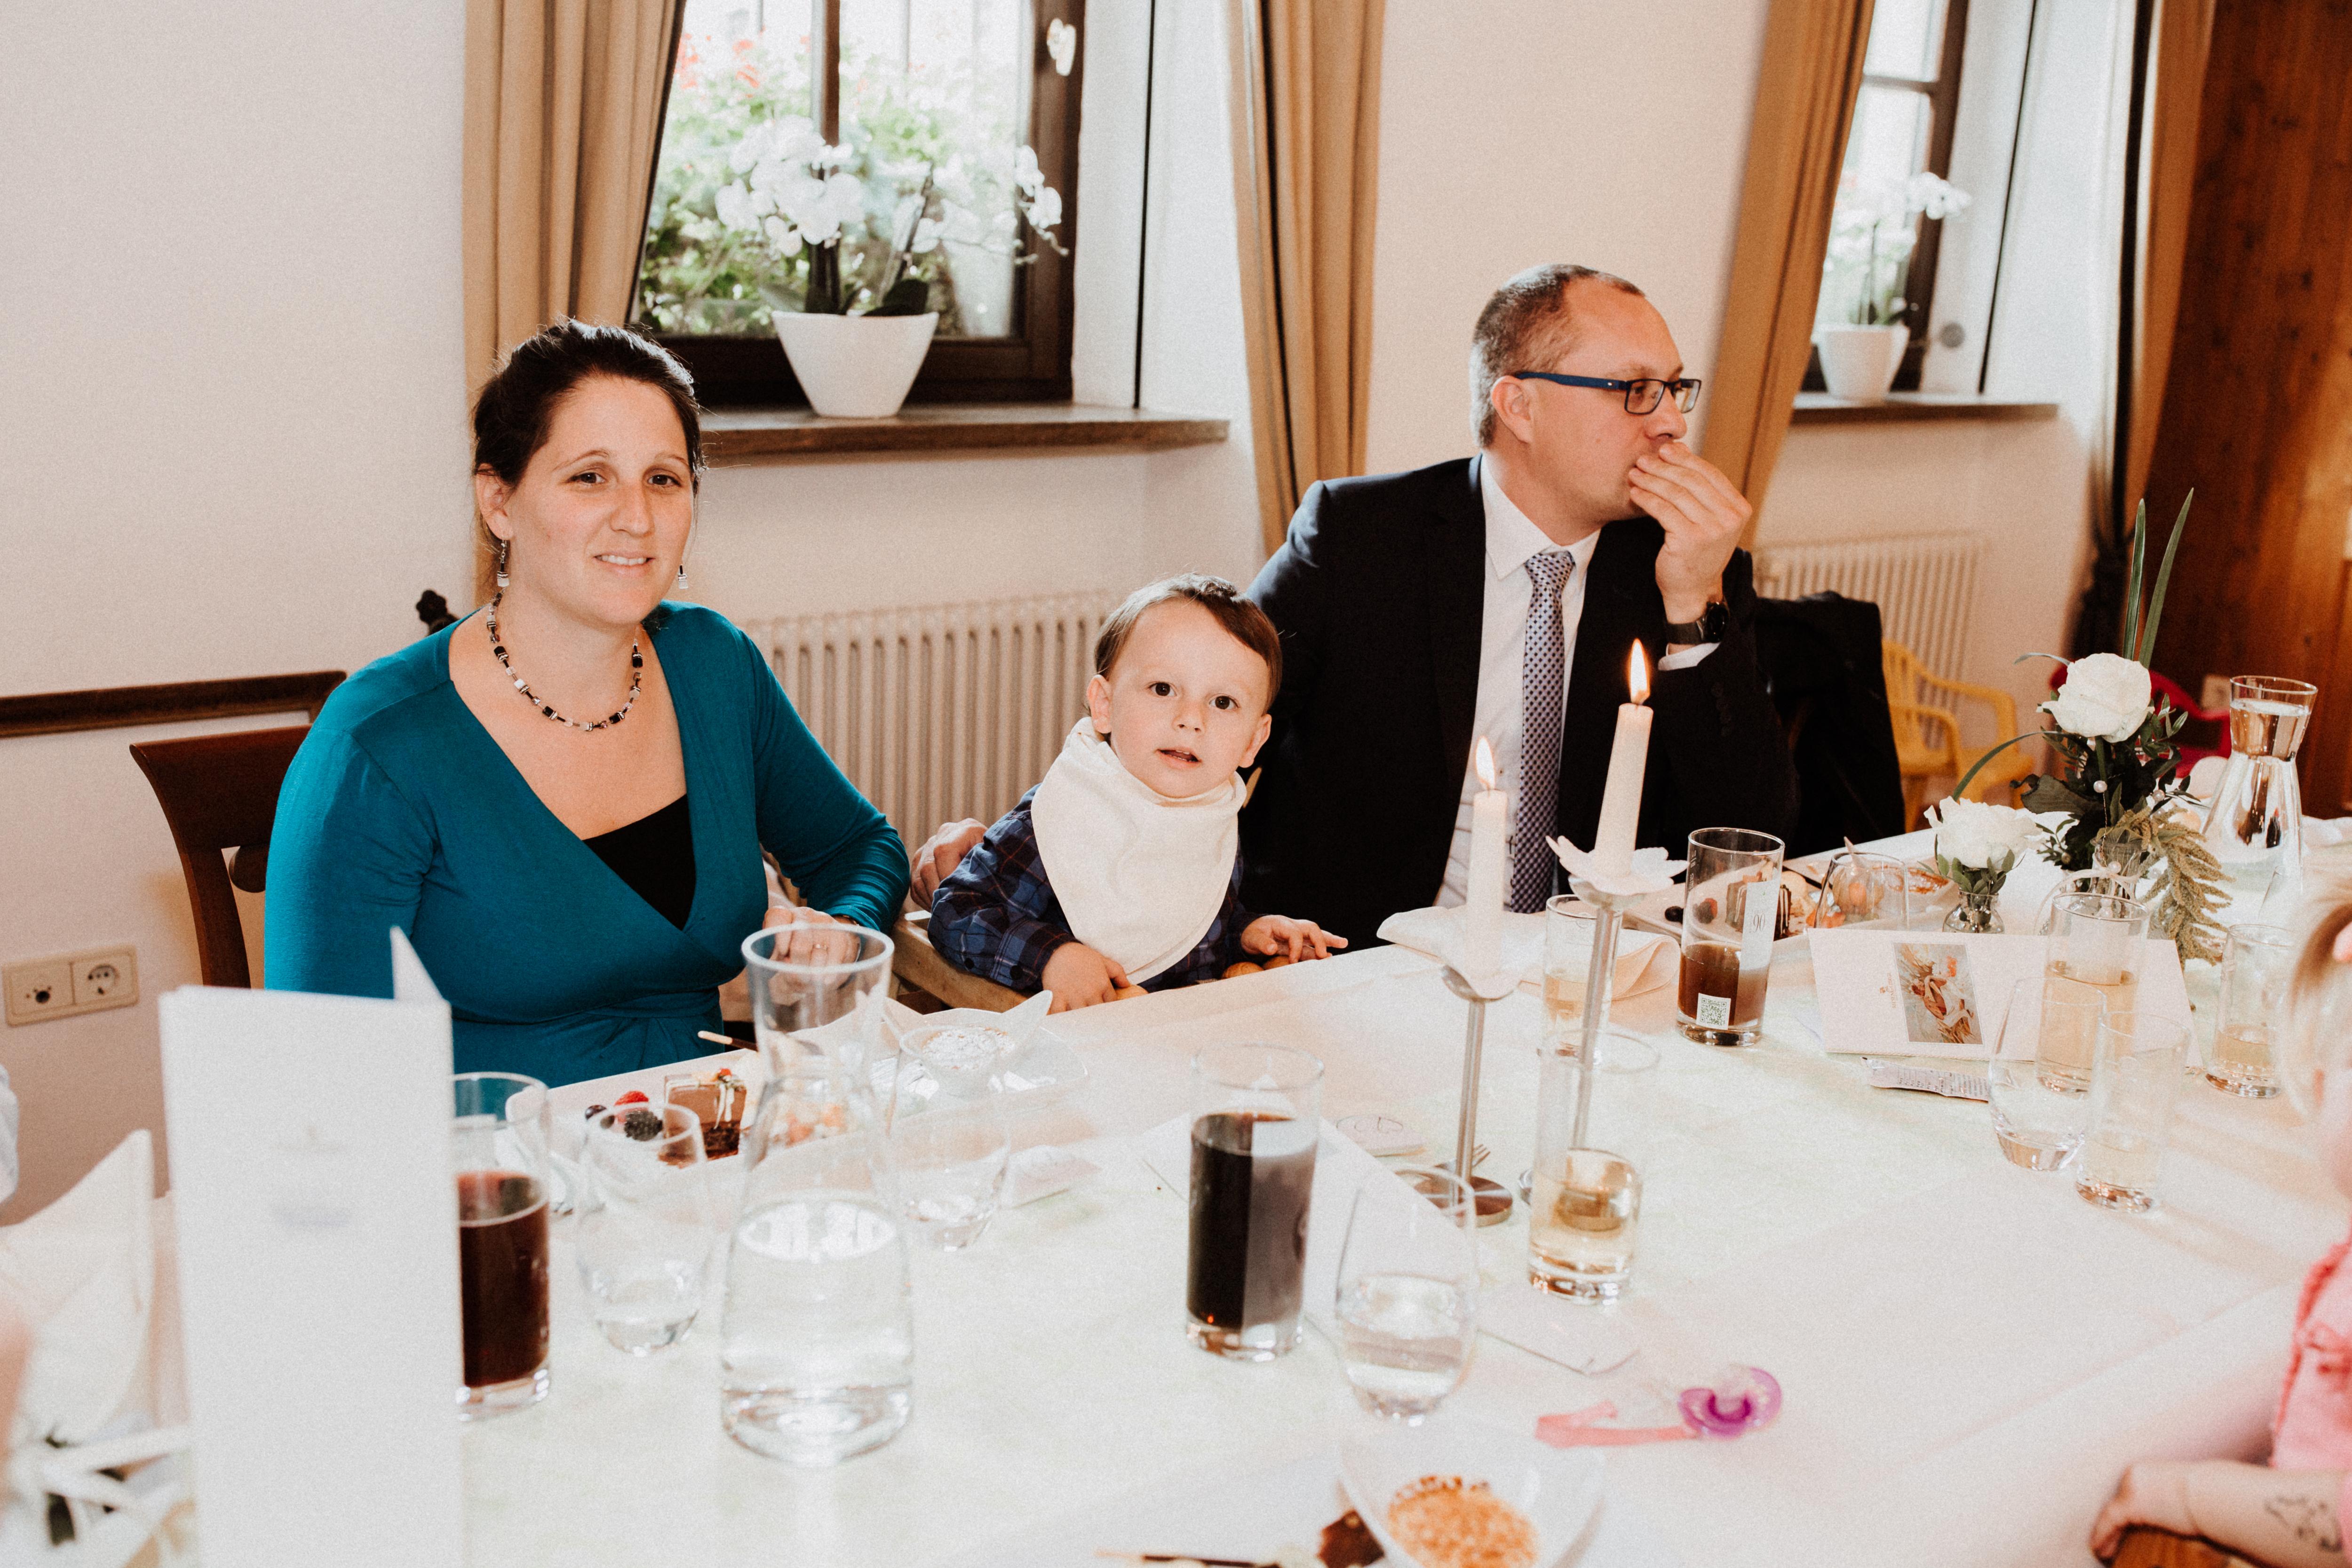 URBANERIE_Daniela_Goth_Hochzeitsfotografin_Nürnberg_Fürth_Erlangen_Schwabach_171007_1094